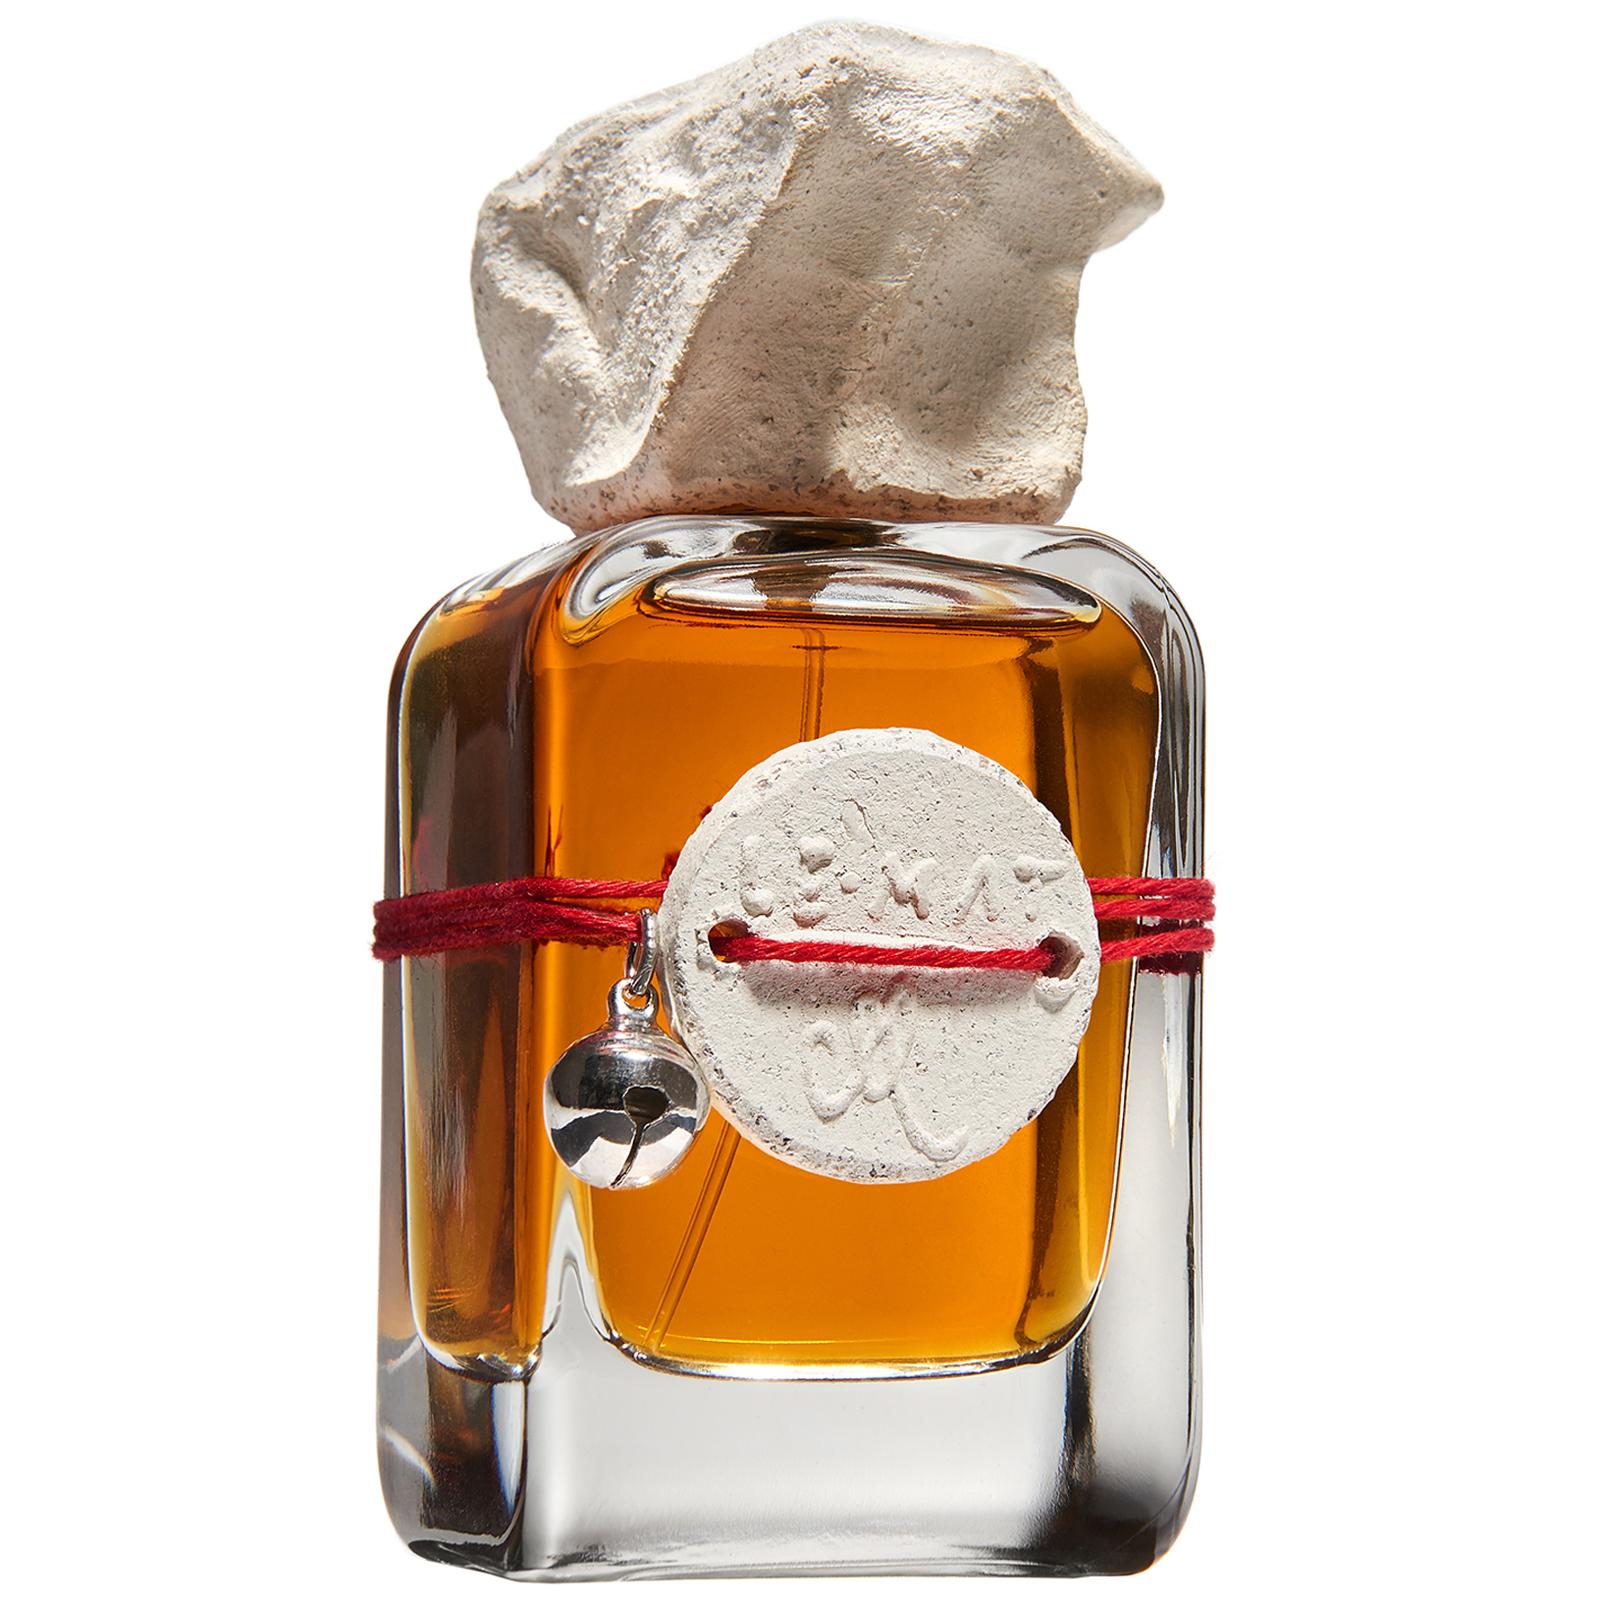 Le mat extrait de parfum 25% 100 ml